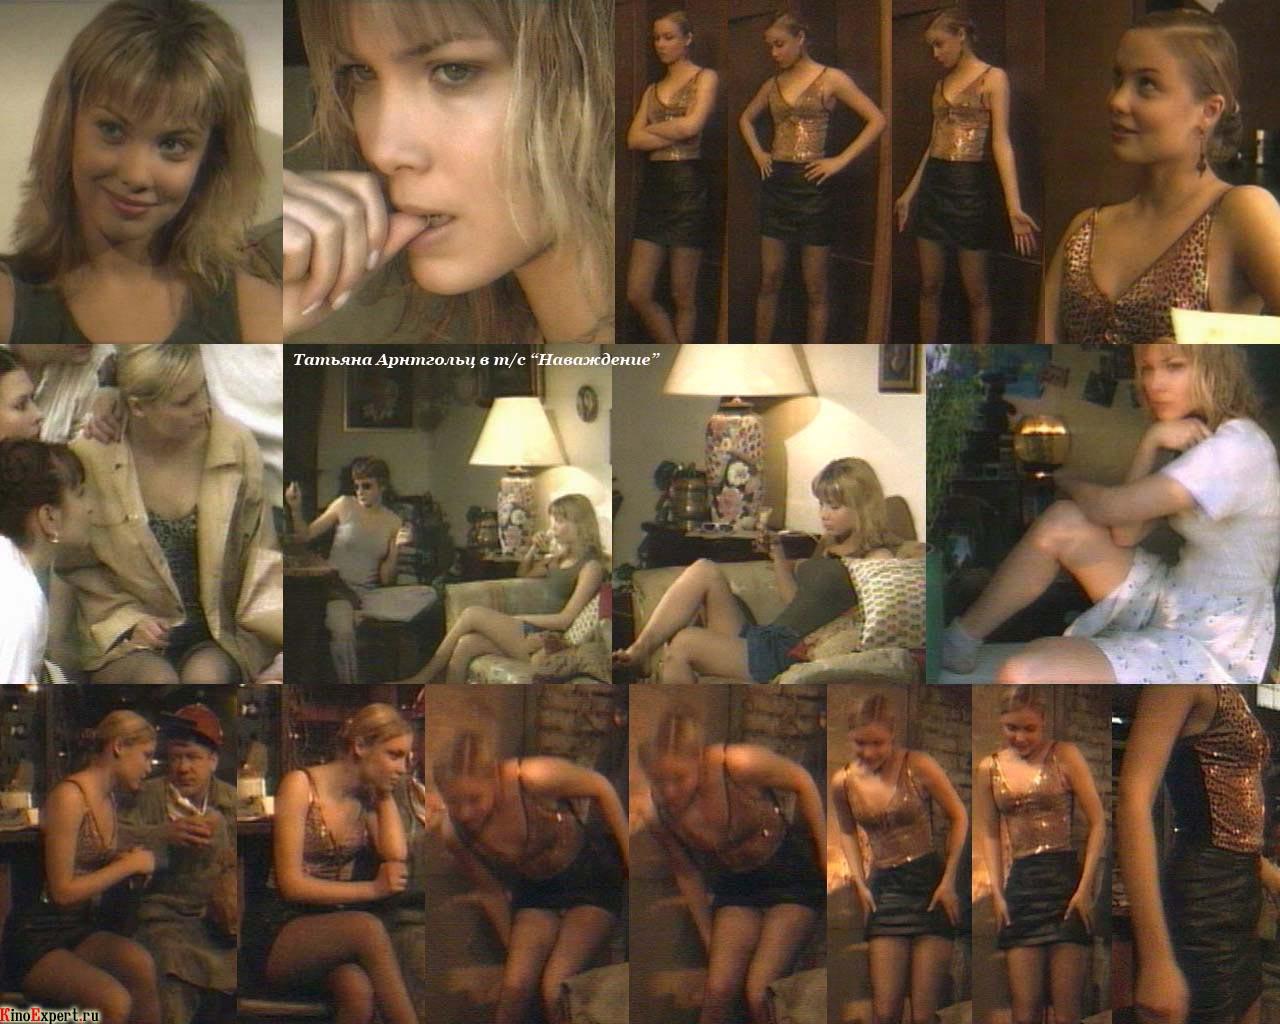 luchshaya-erotika-video-hd